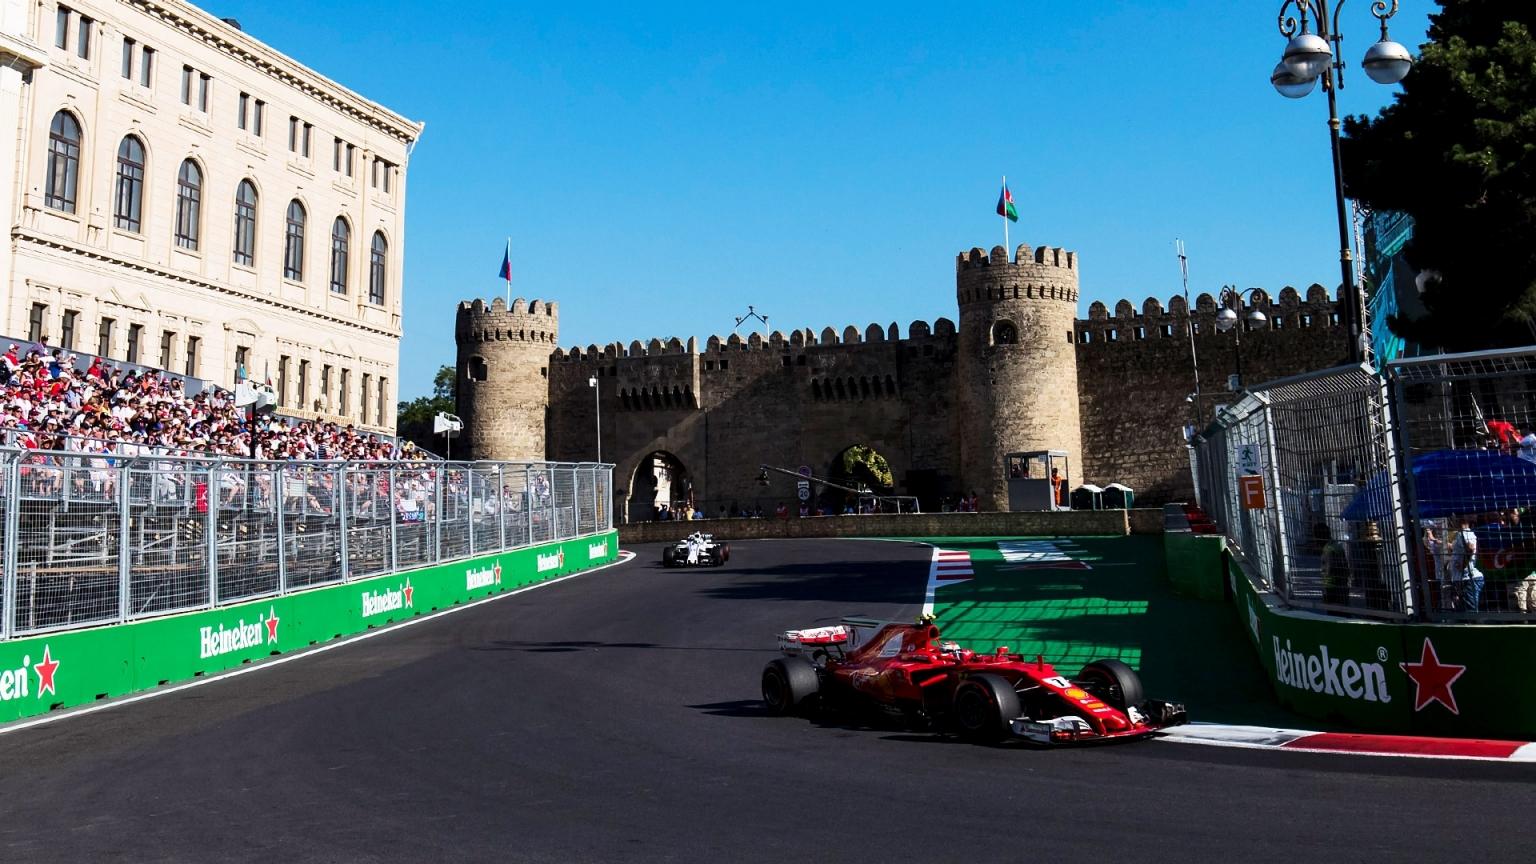 Formula 1 üçün Bakıya gələcək əcnəbilərin viza prosedurları sadələşdirilib- SƏRƏNCAM